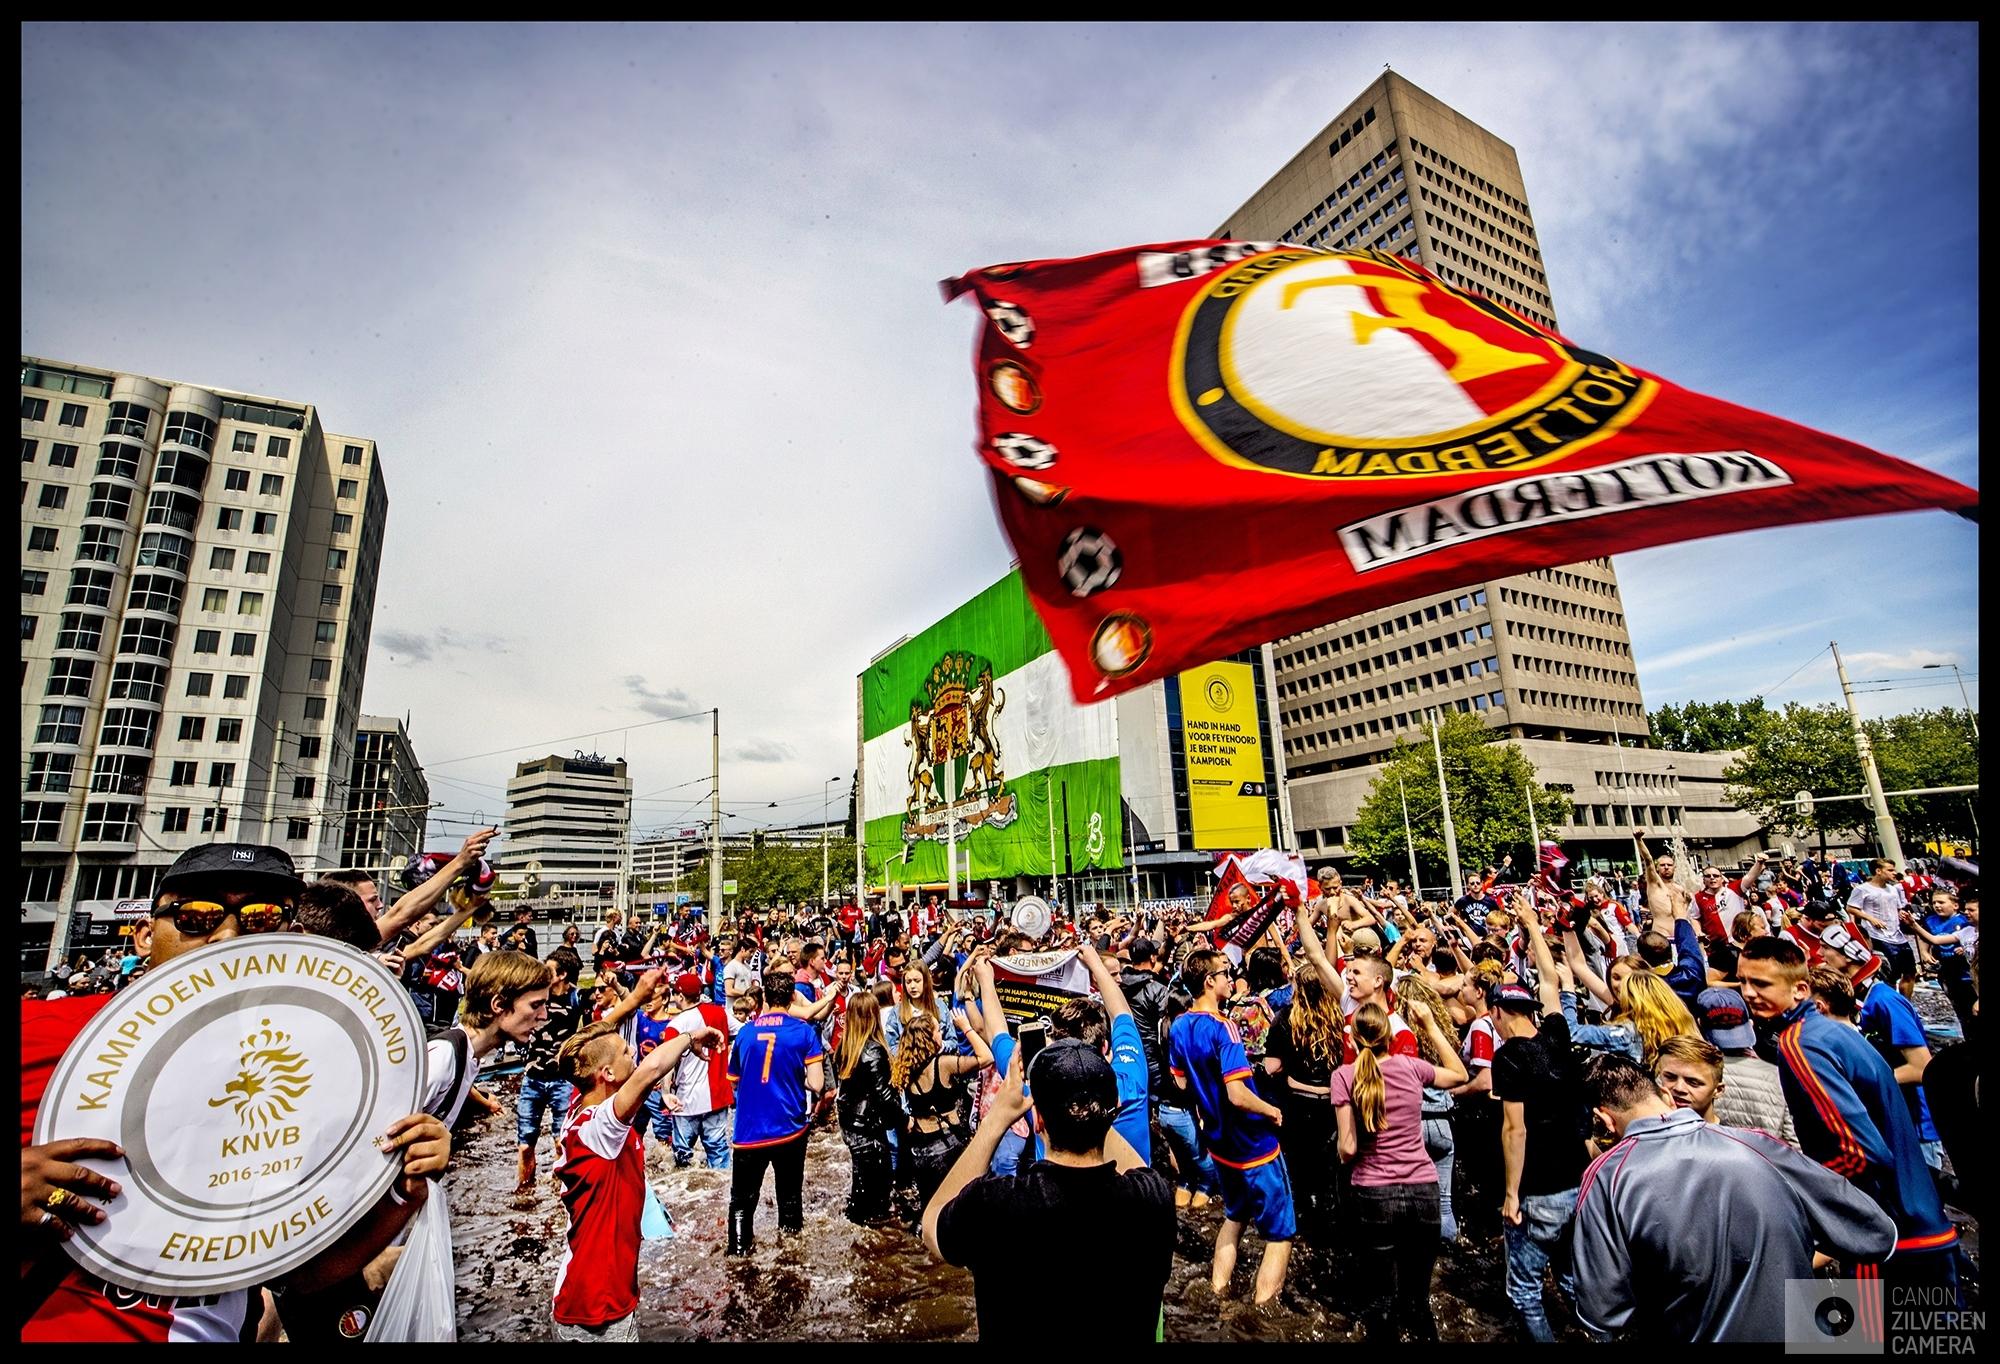 Nederland, Rotterdam, 15-05-2017Serie landskampioenschap Feyenoord seizoen 2016/2017Foto 10Na de huldiging dansen de mensen van blijdschap in de Hofpleinvijver waar op de achtergrond op het Shell-gebouw een mega-doek is opgehangen in de groen-witte kleuren.Feyenoord is na 18 jaar landskampioen!